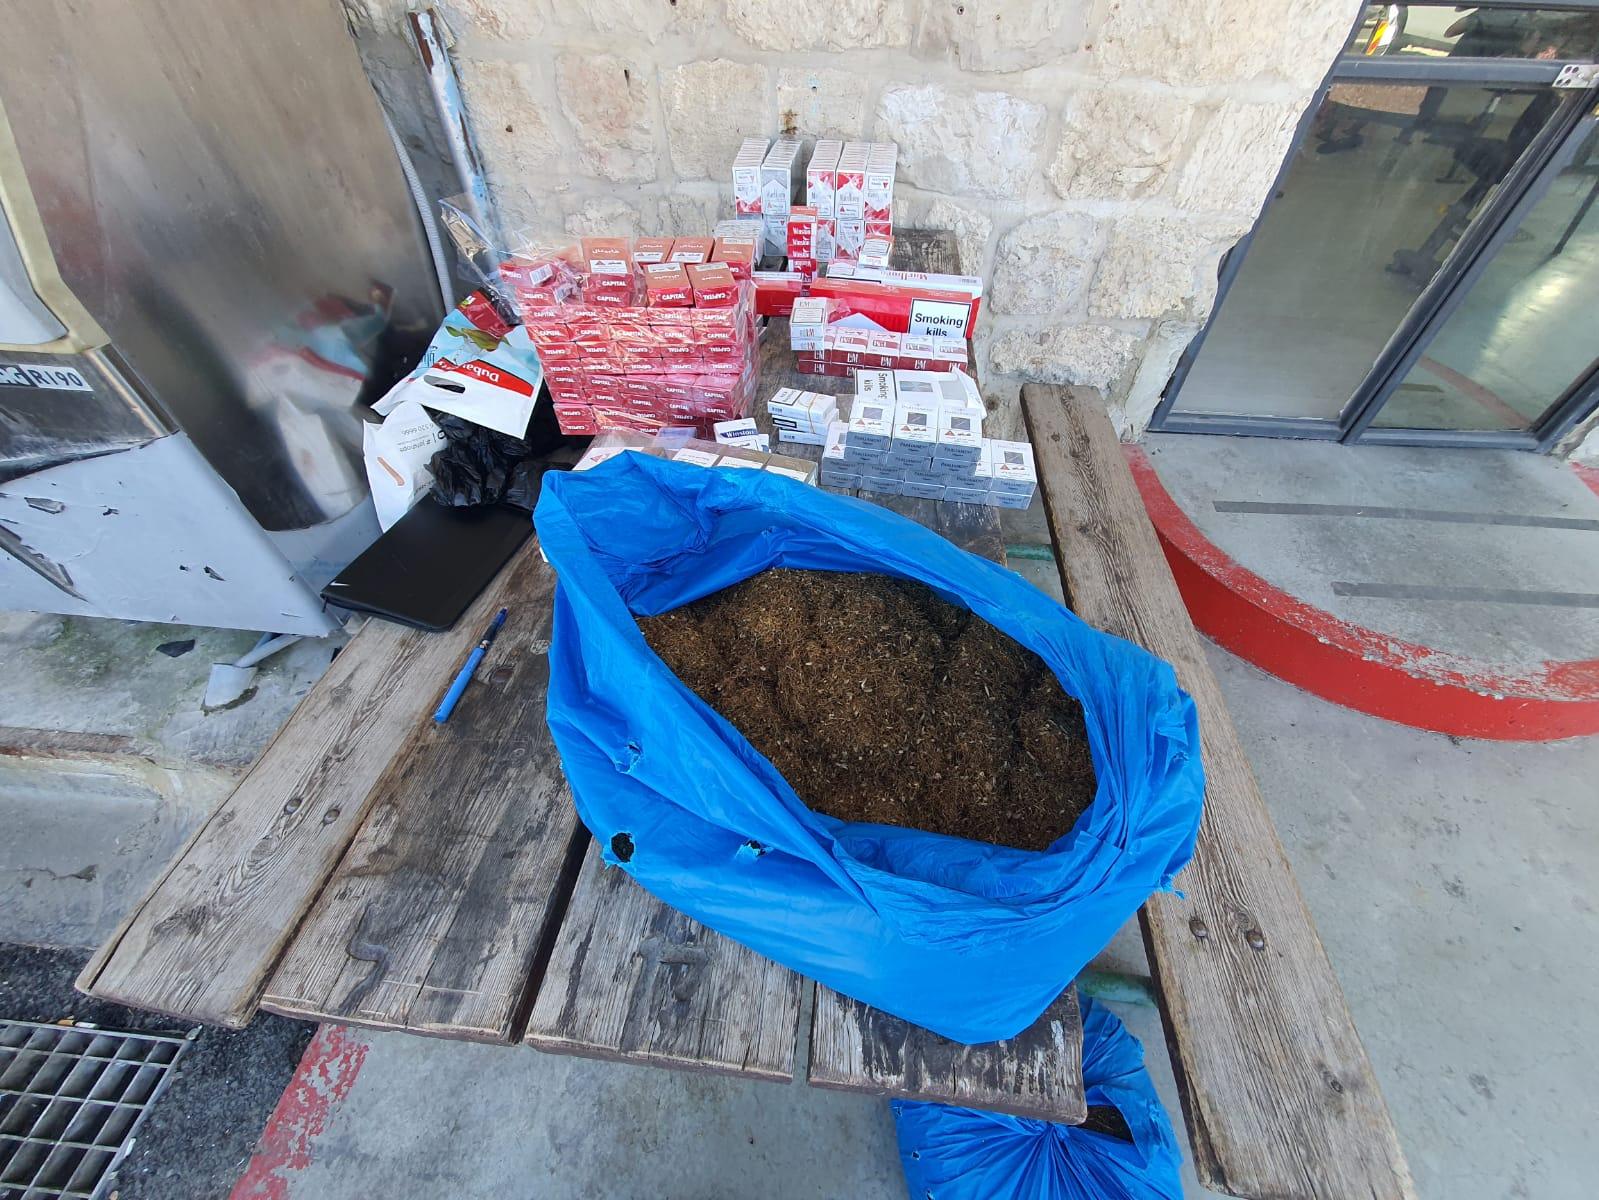 הסחורה המזויפת שנתפסה (צילום: דוברות המשטרה)